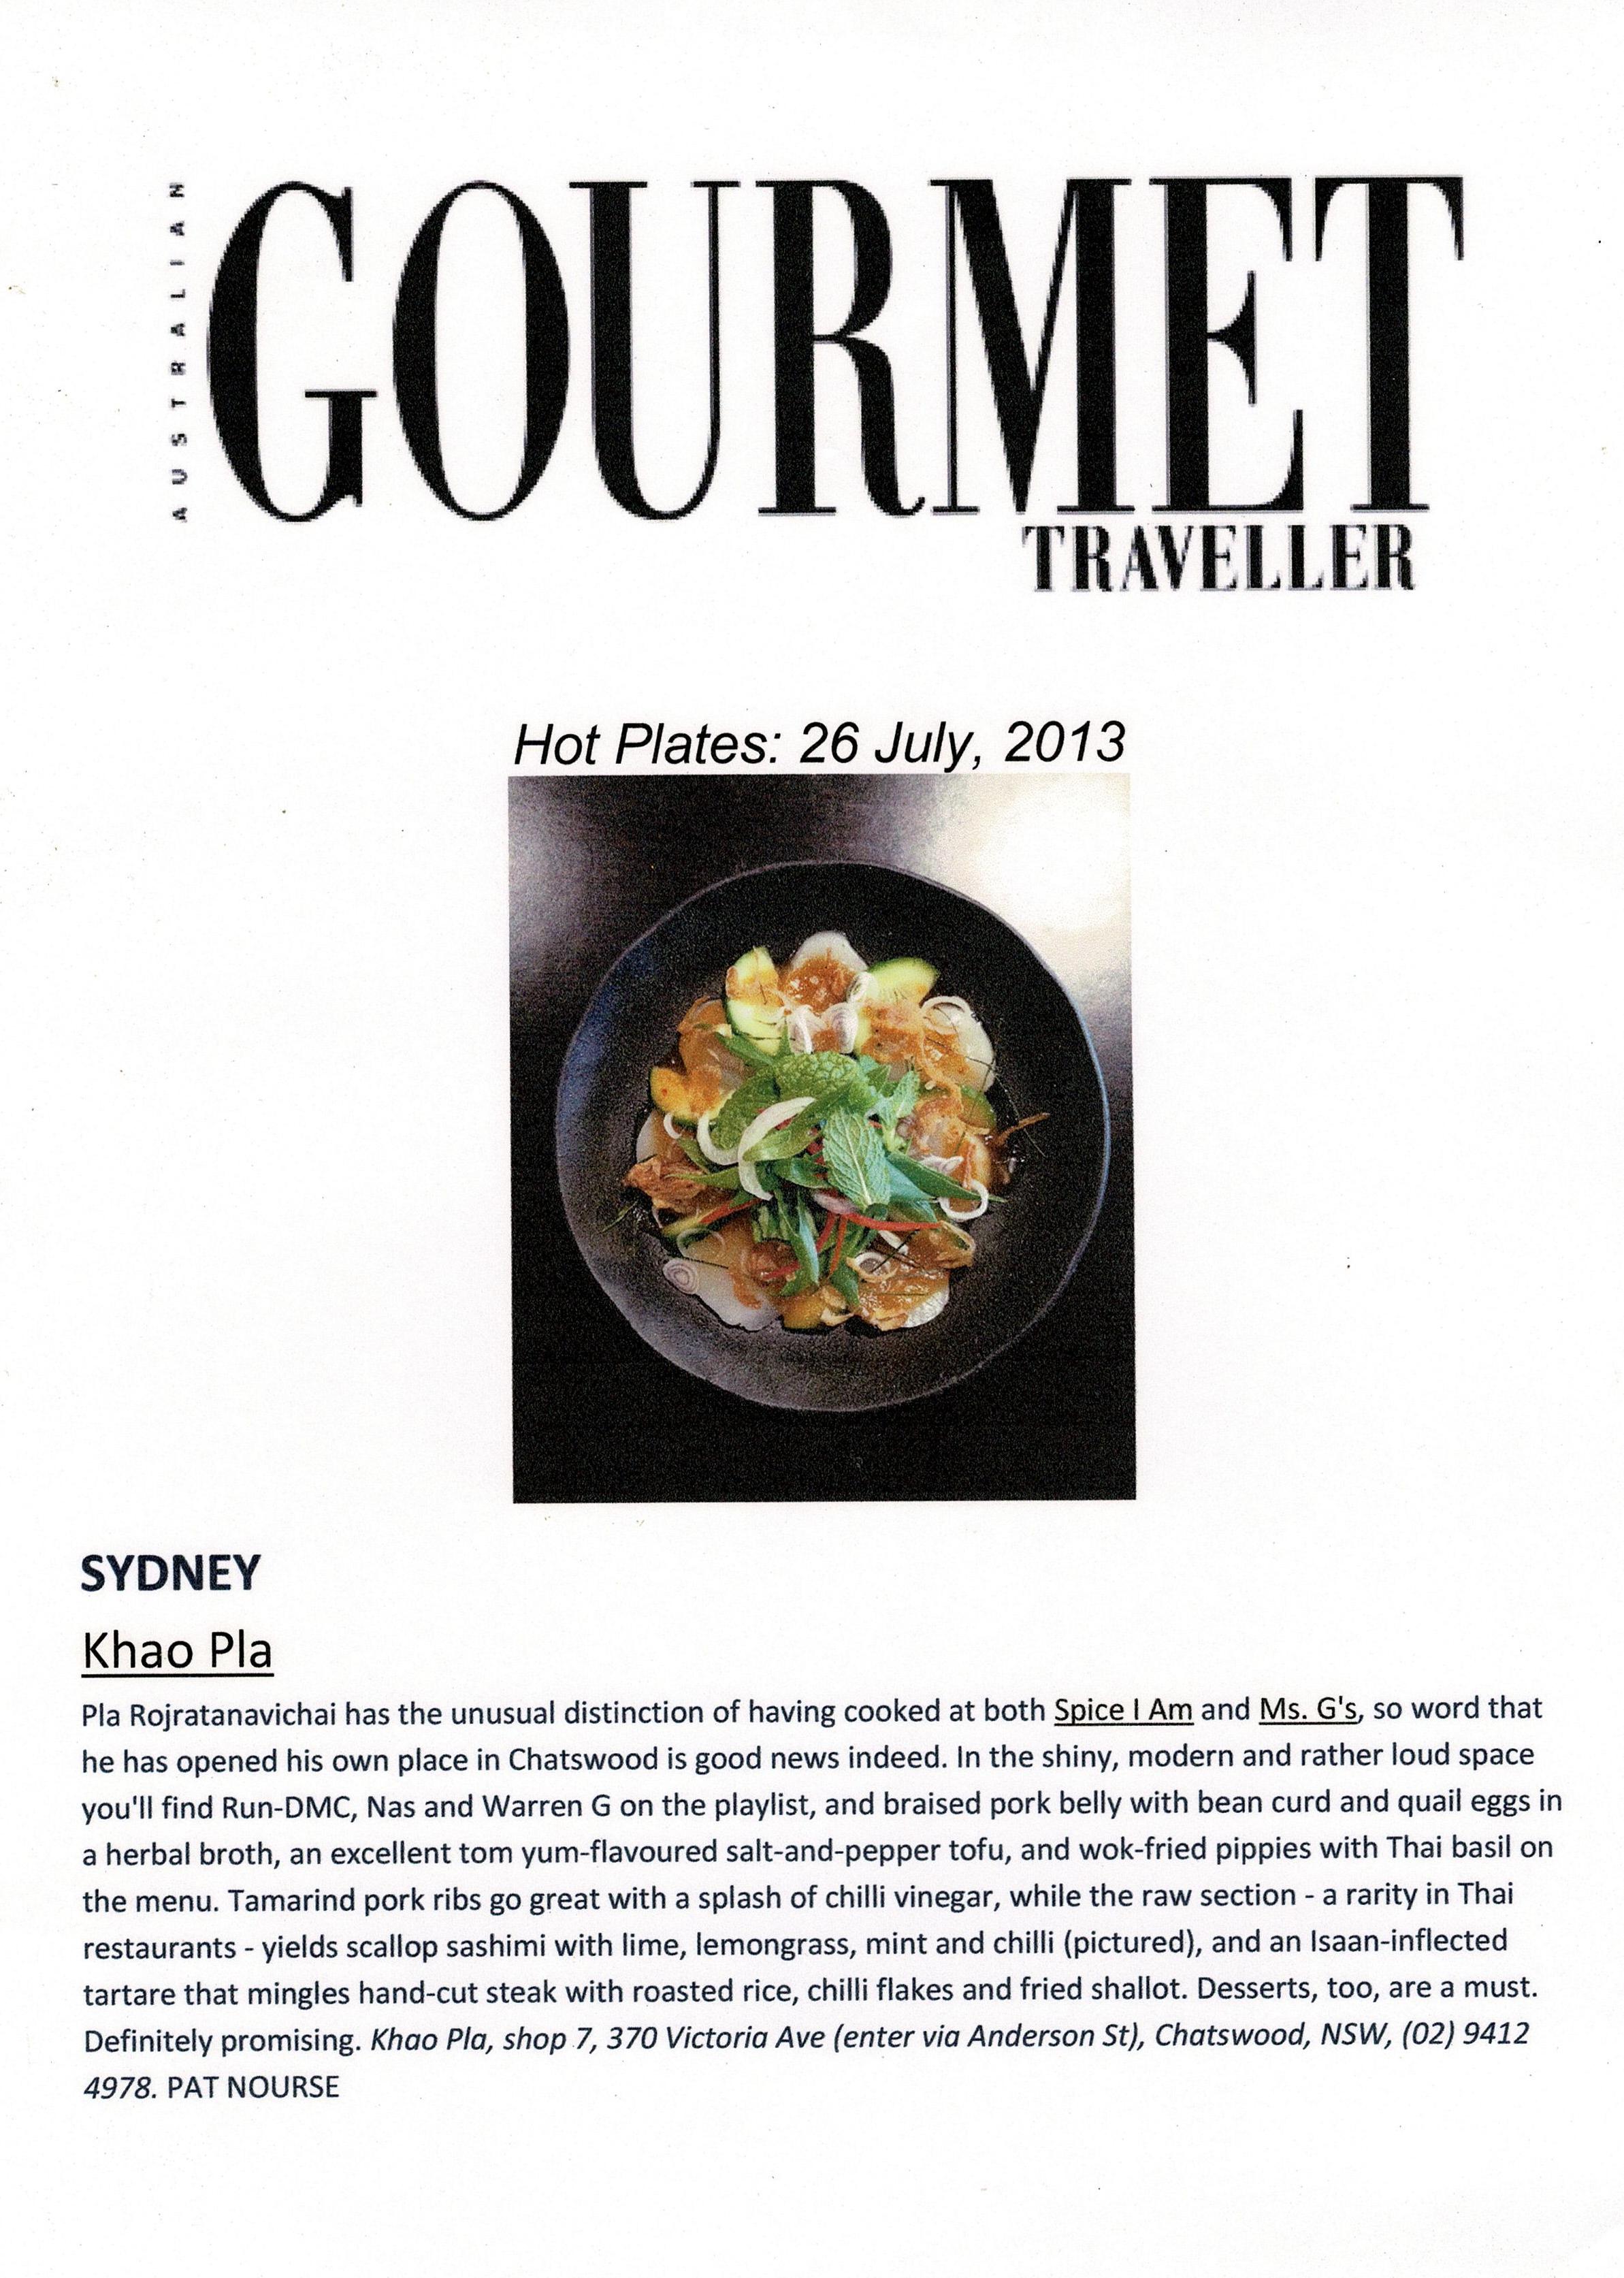 Gourmet Traveller-1.jpg